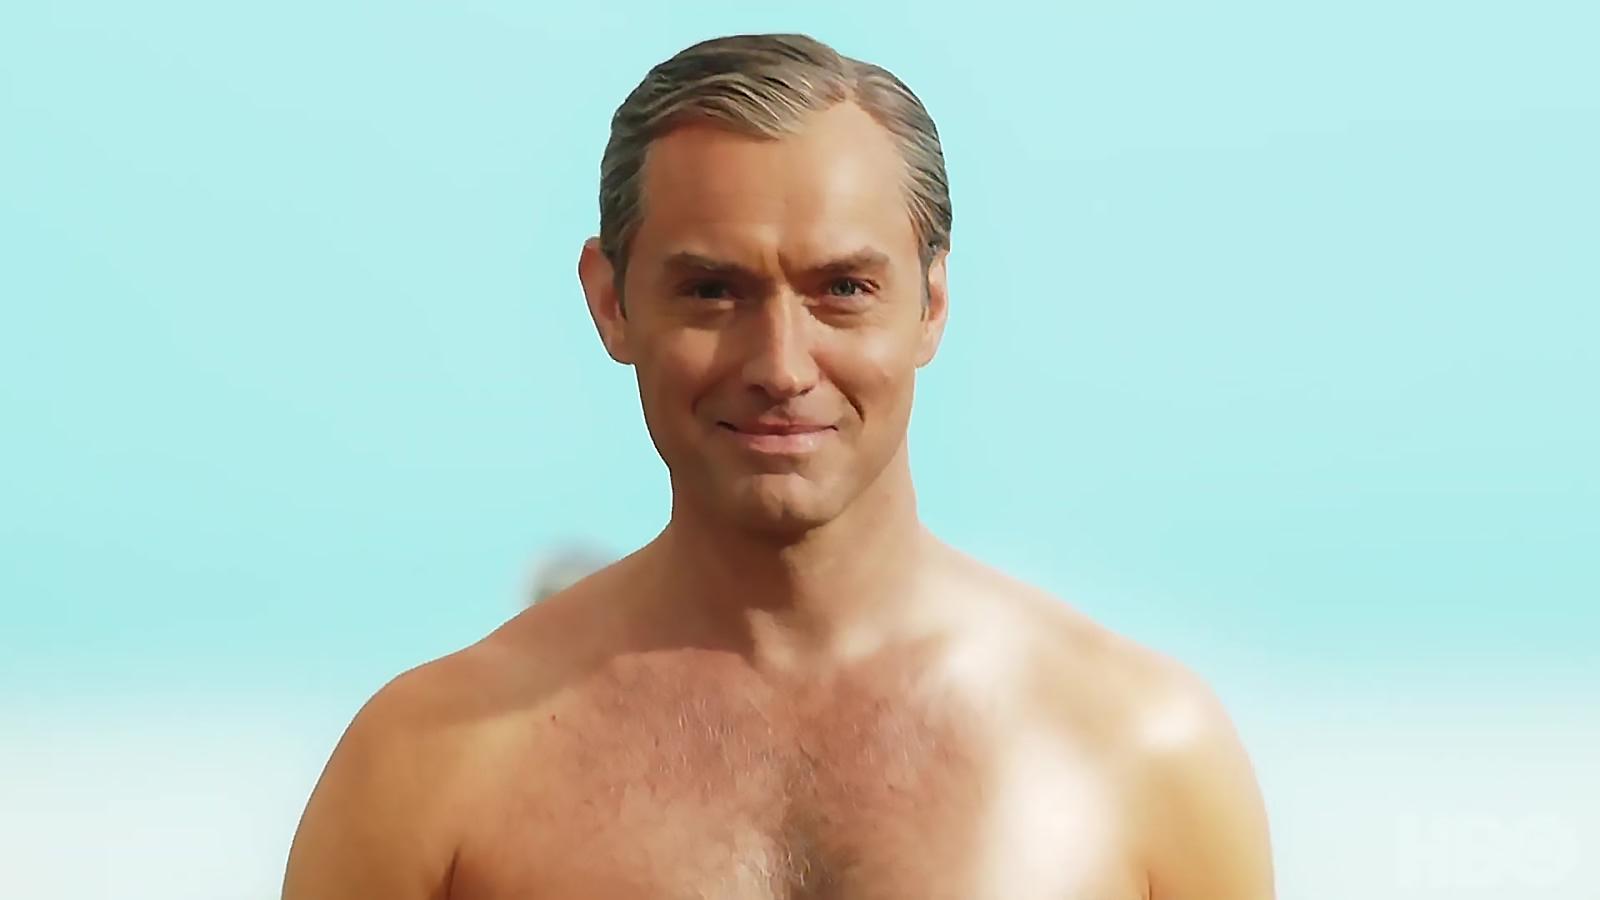 Jude Law Nude Cock And Gay Sex Scenes